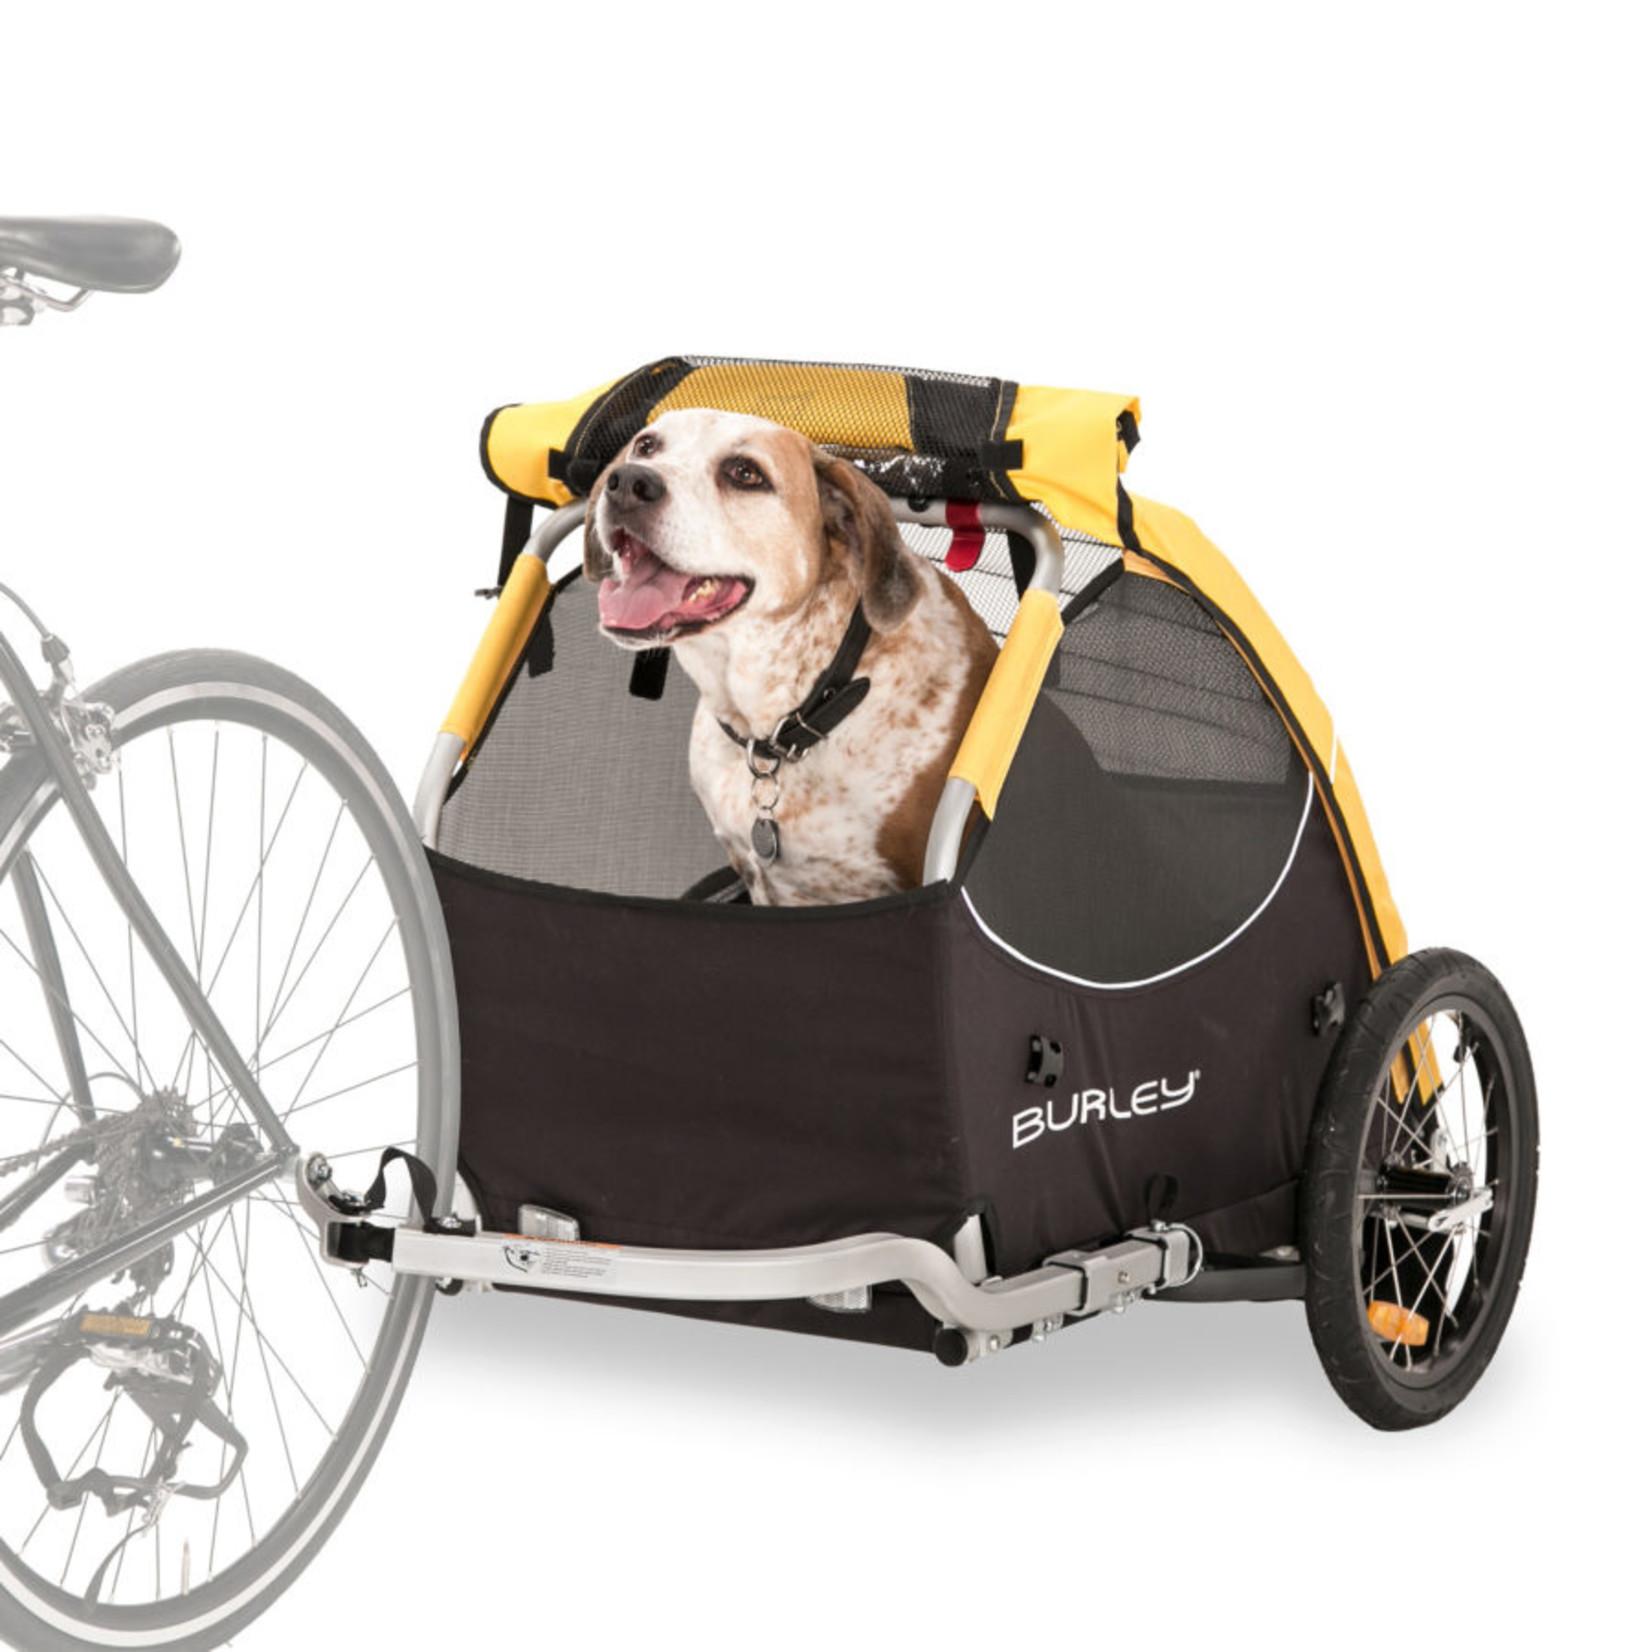 Burley Burley Tail Wagon Dog and Pet Trailer